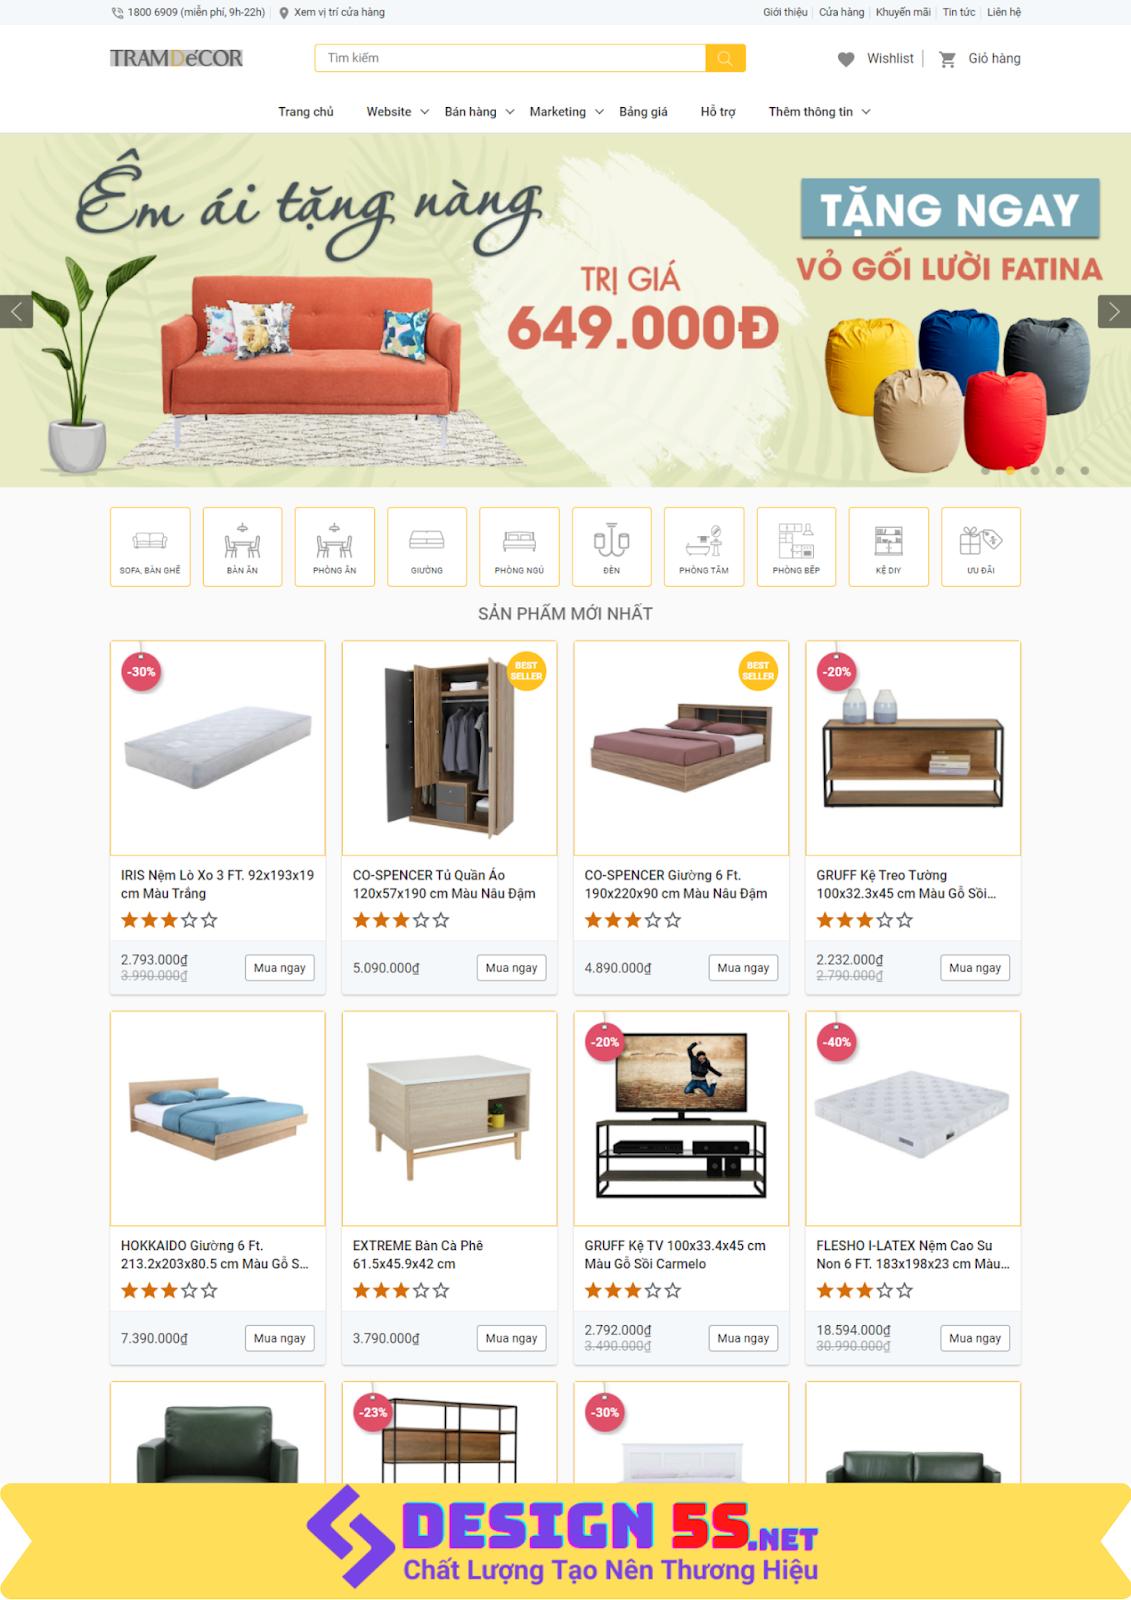 Template blogspot bán hàng nội thất đẹp chuẩn seo VSM13